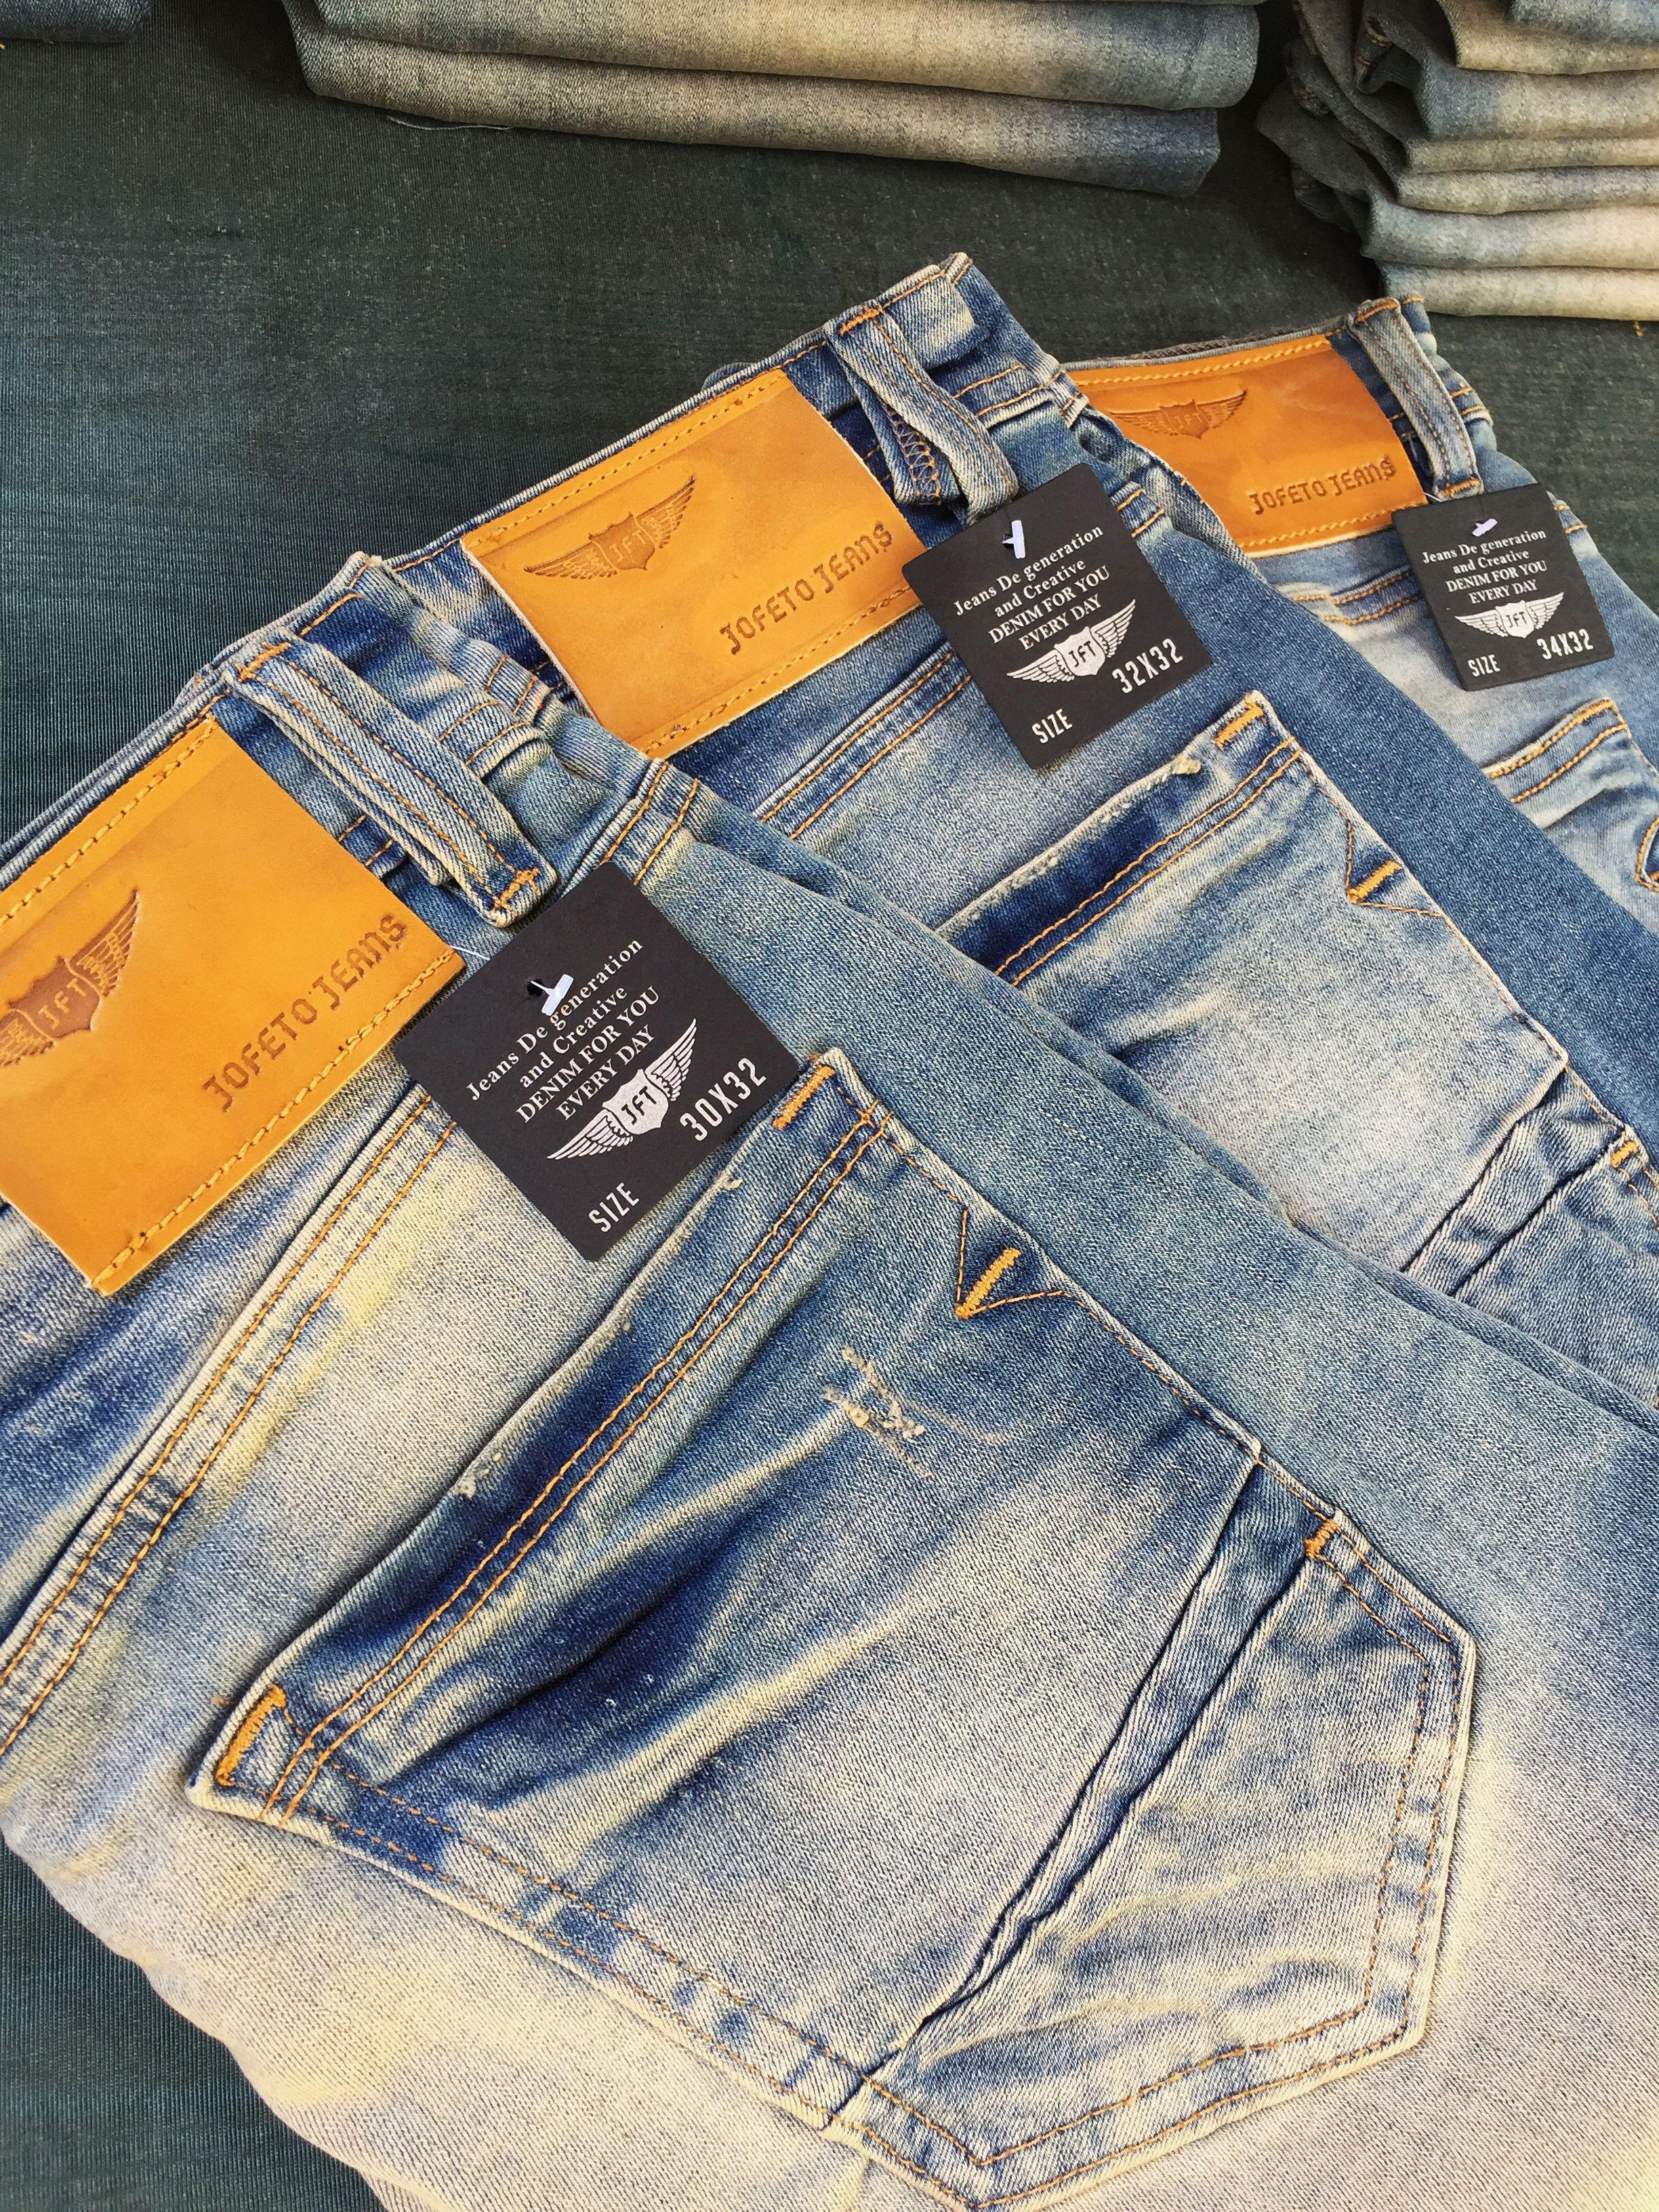 Jofeto Jeans Jeans De Moda Jeans Para Hombre Pantalones De Mezclilla